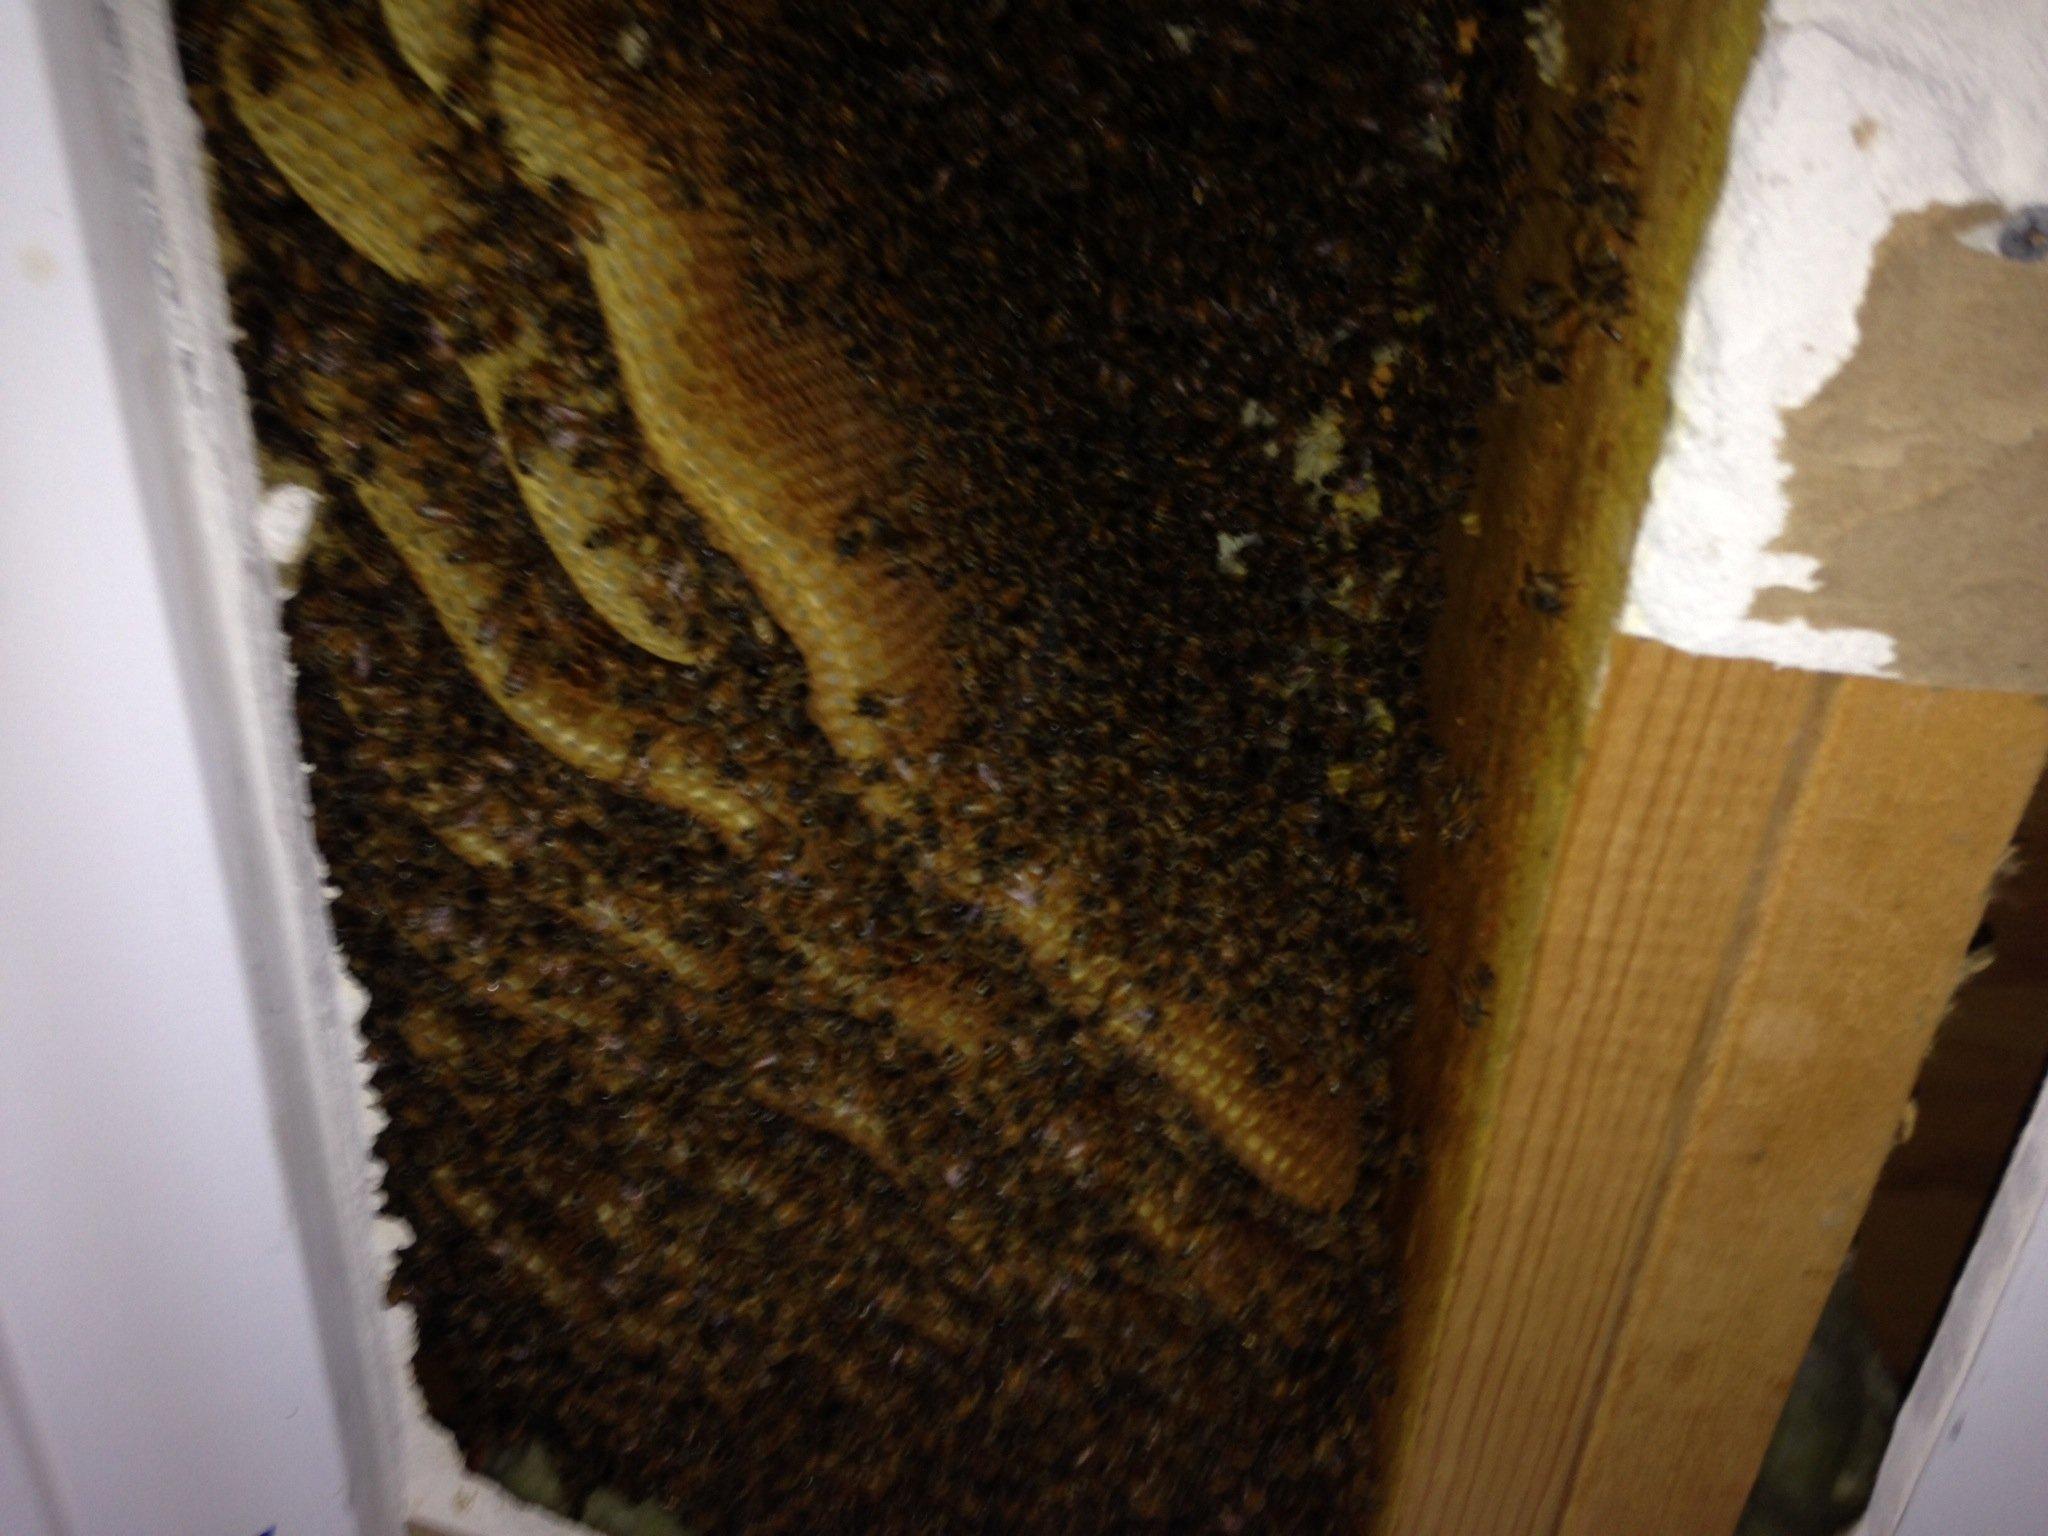 Economical Hive Cut-Out Services